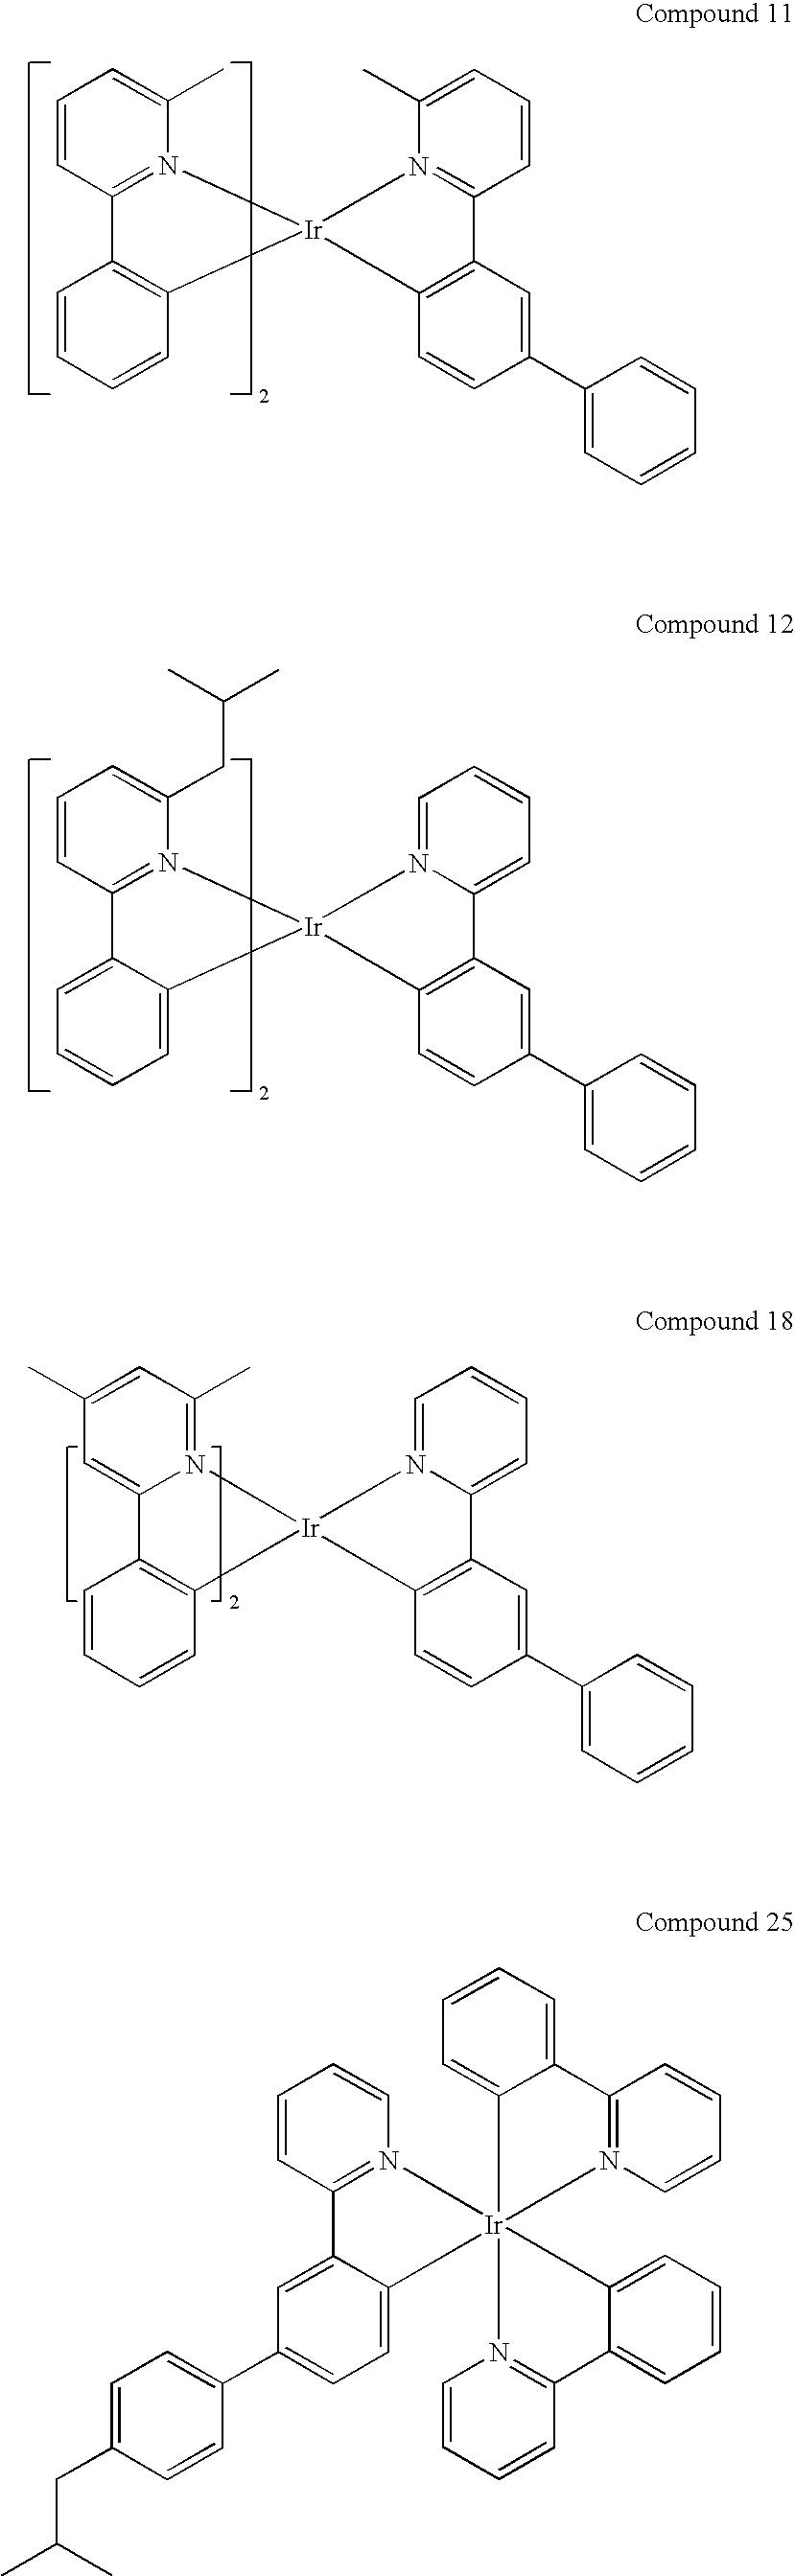 Figure US20090108737A1-20090430-C00231